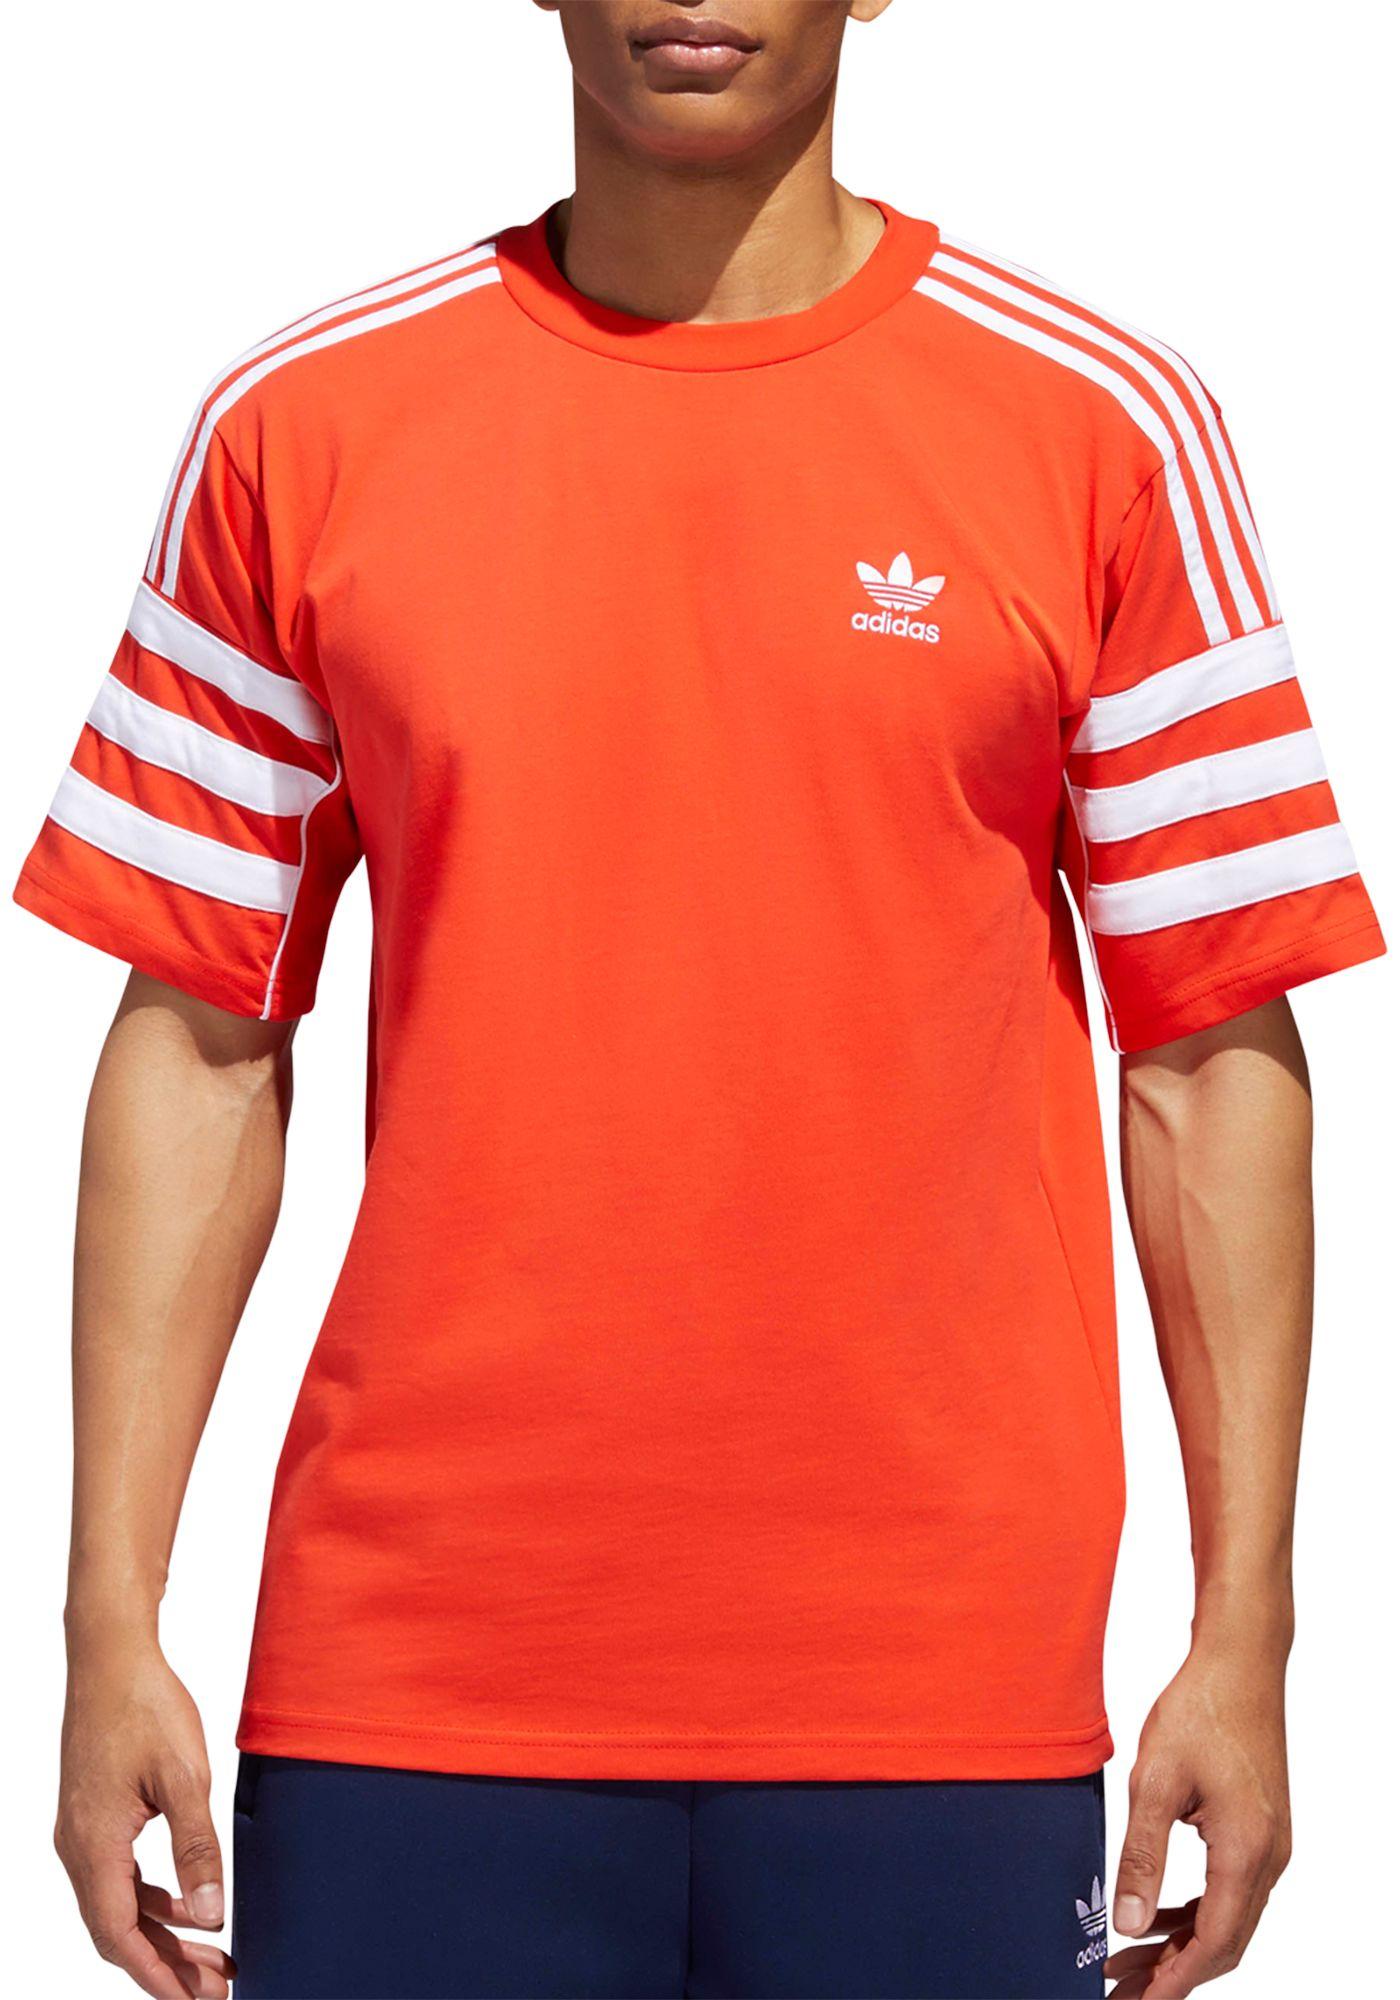 adidas Originals Men's Authentics T-Shirt